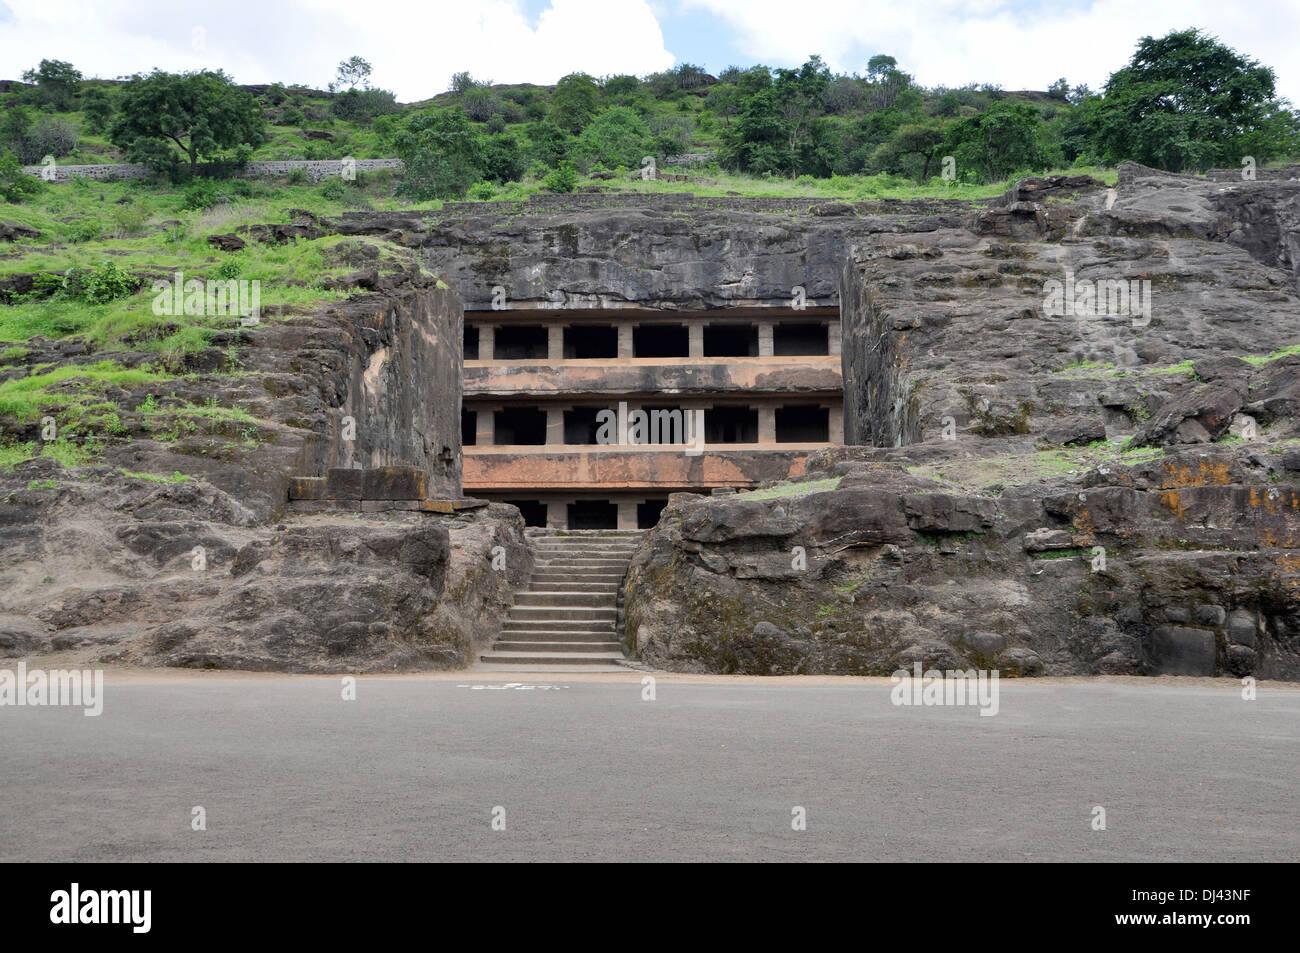 Höhle 11: Tun Tal Fassade. Allgemeine Ansicht von Südwesten. Tal oder zwei Stockwerke zu tun. Ellora Höhlen, Aurangabad, Maharashtra, Indien Stockbild